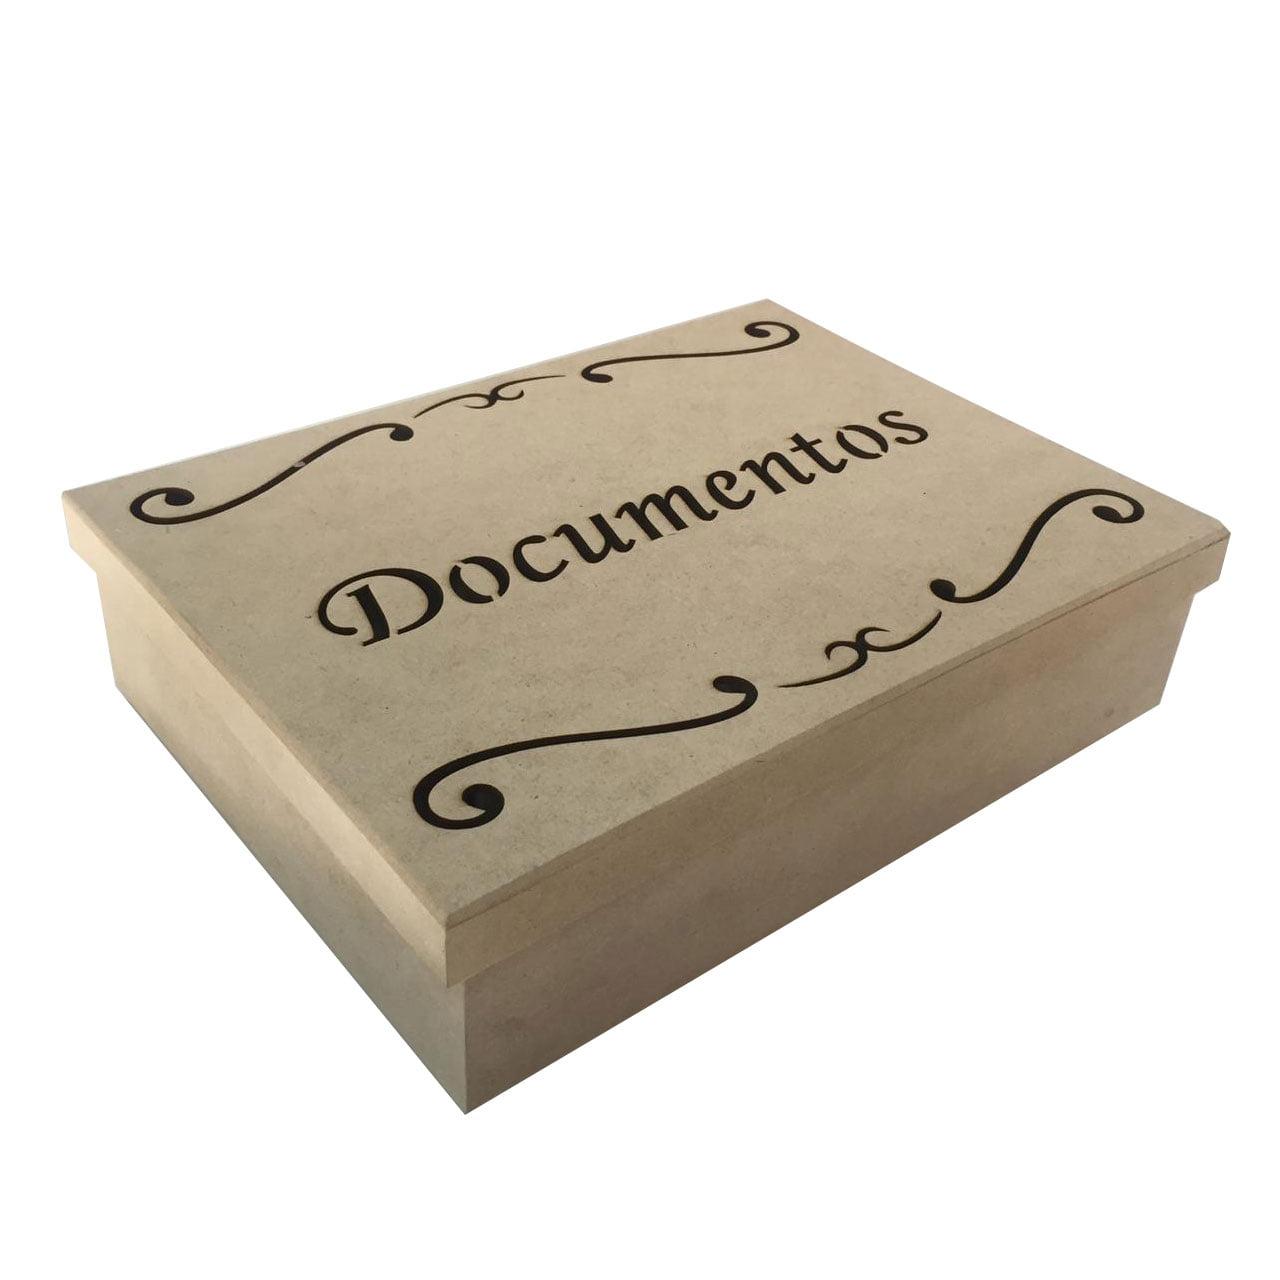 Caixa em MDF - Documentos 33x25x9